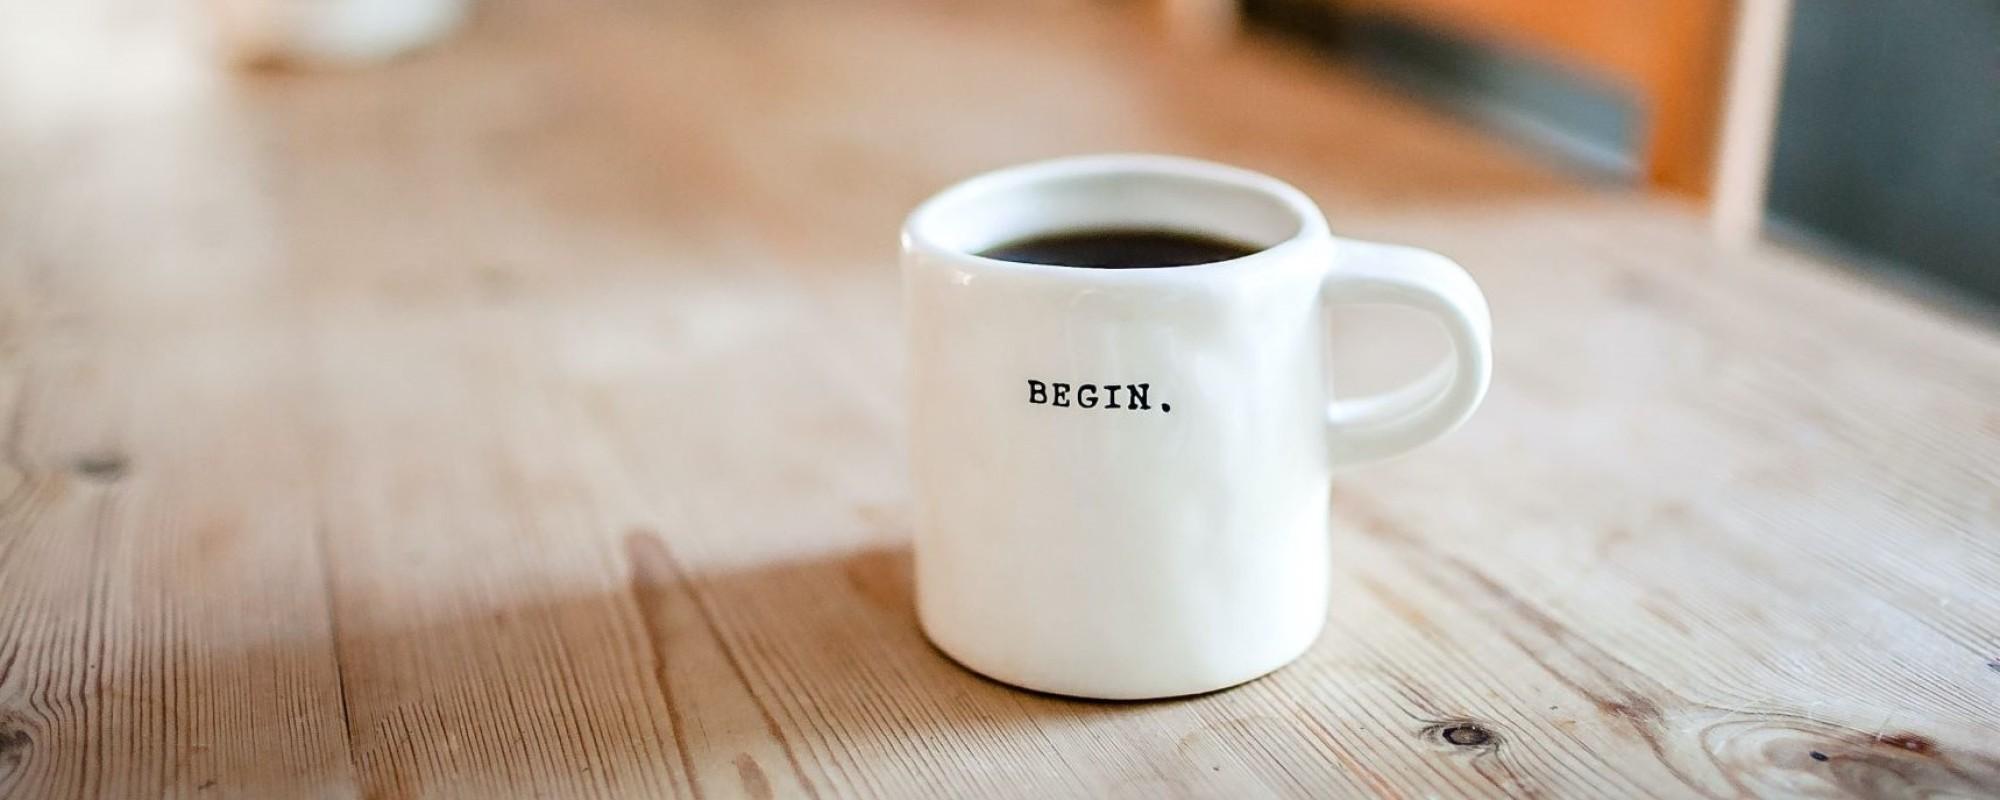 Tisch mit Kaffeetasse, auf der